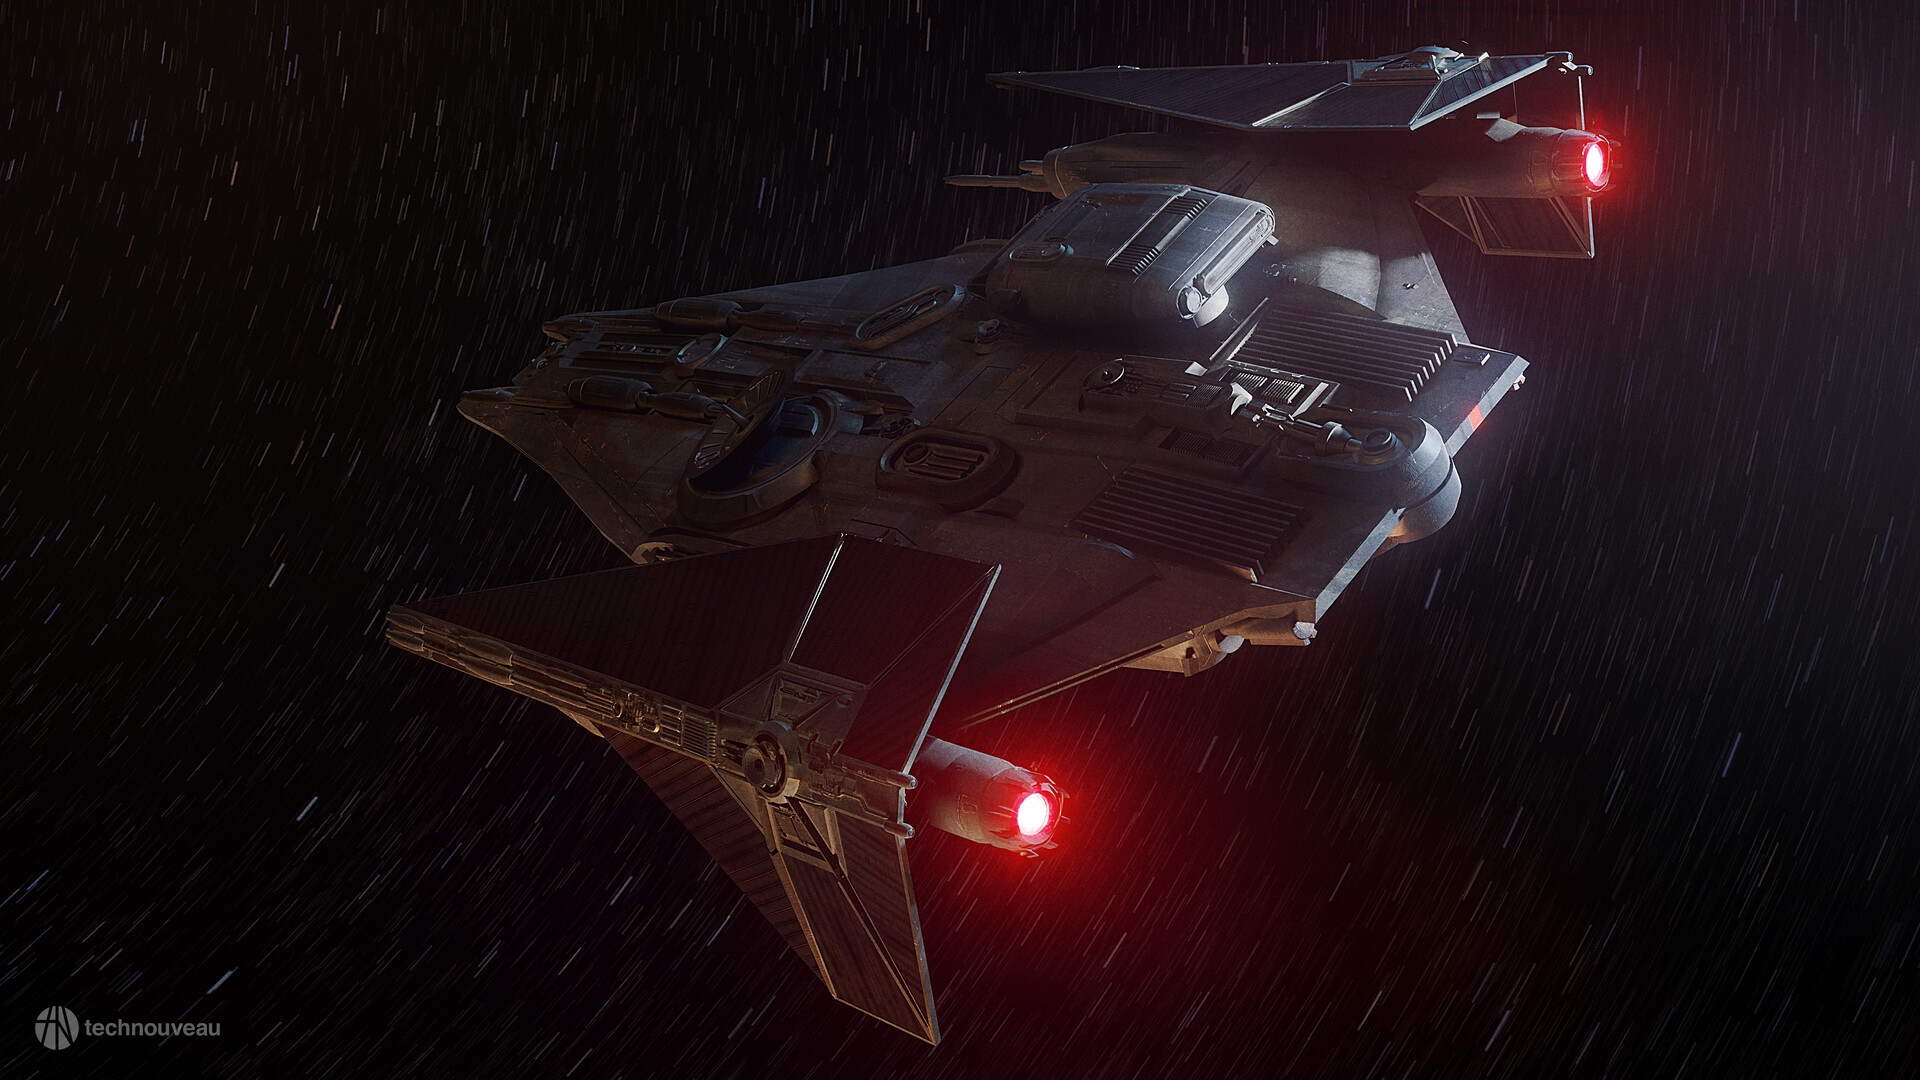 Rasmus Poulsen Tie Cruiser Star Wars Science Fiction Spaceship Vehicle Star Wars Ships 1920x1080